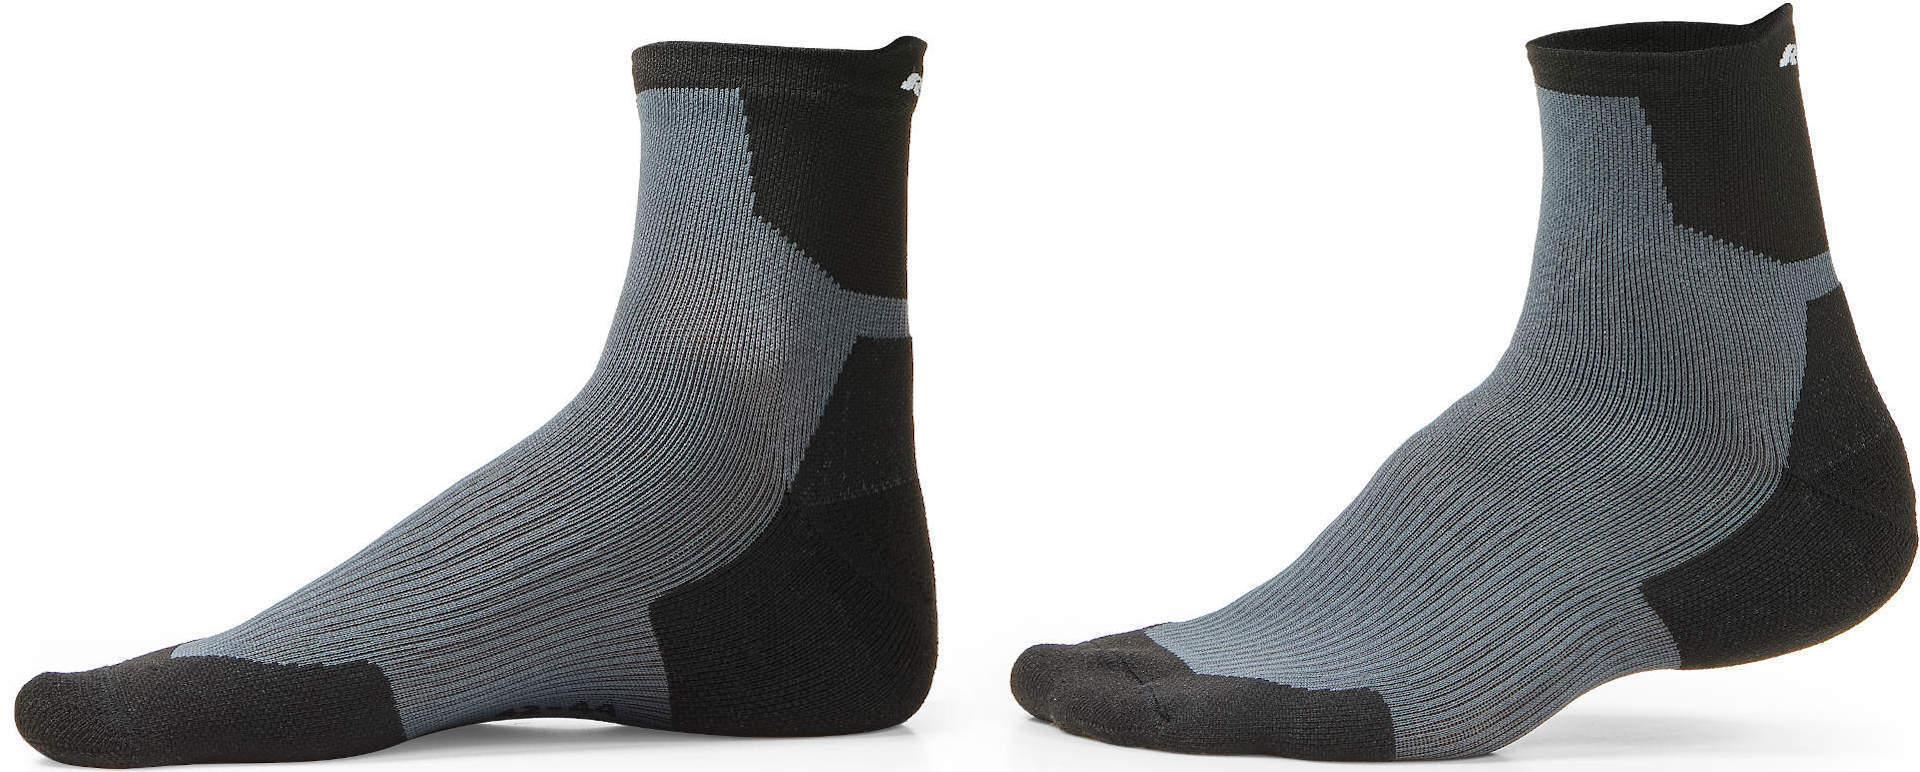 Revit Javelin Chaussettes Noir Gris taille : 39 40 41